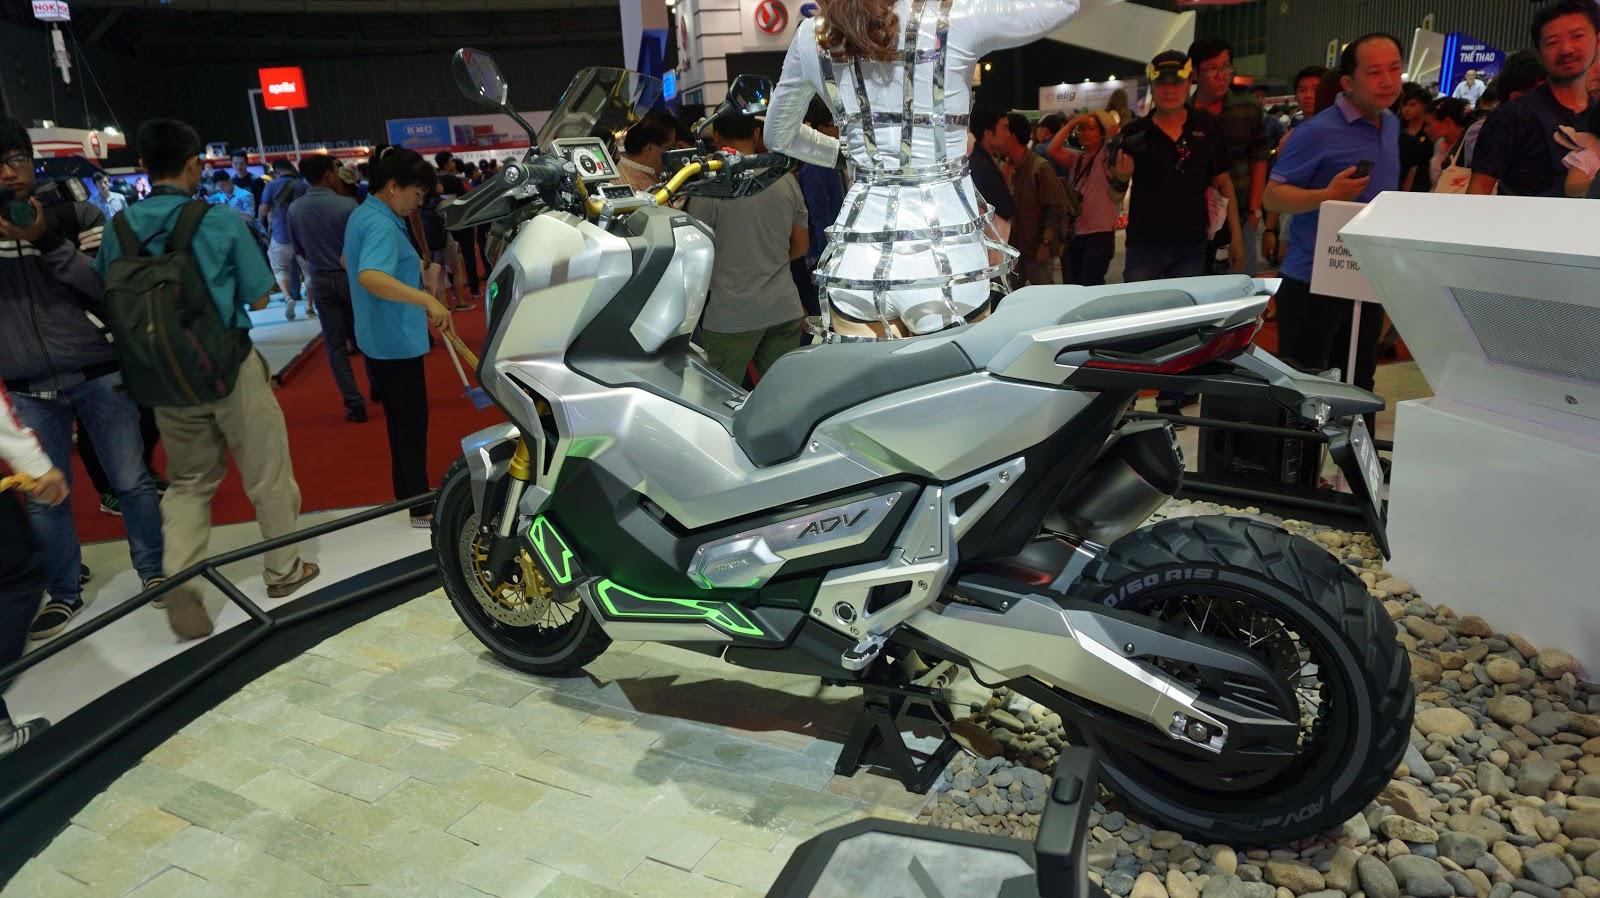 Honda ADV với vẻ ngoài hiện đại, tương lai dự sẽ tạo sức hút trong tương lai